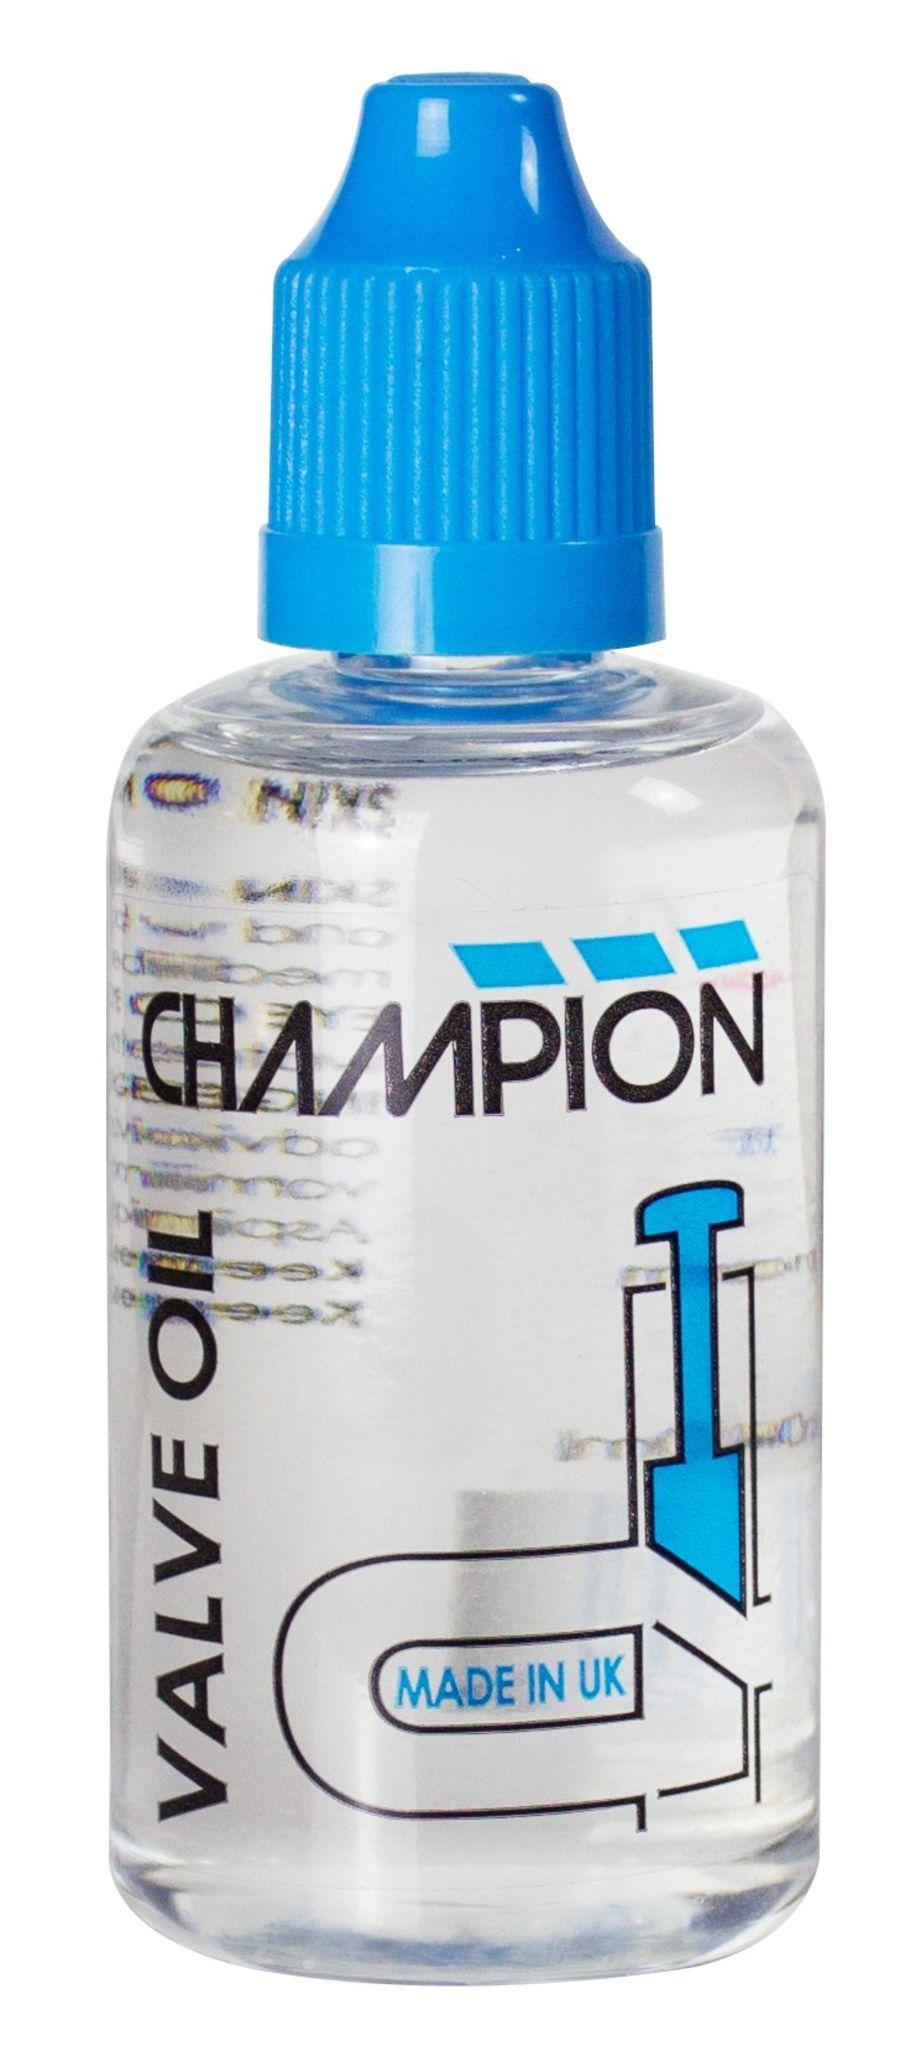 Champion Valve Oil - CHV1 - 50ml Bottle